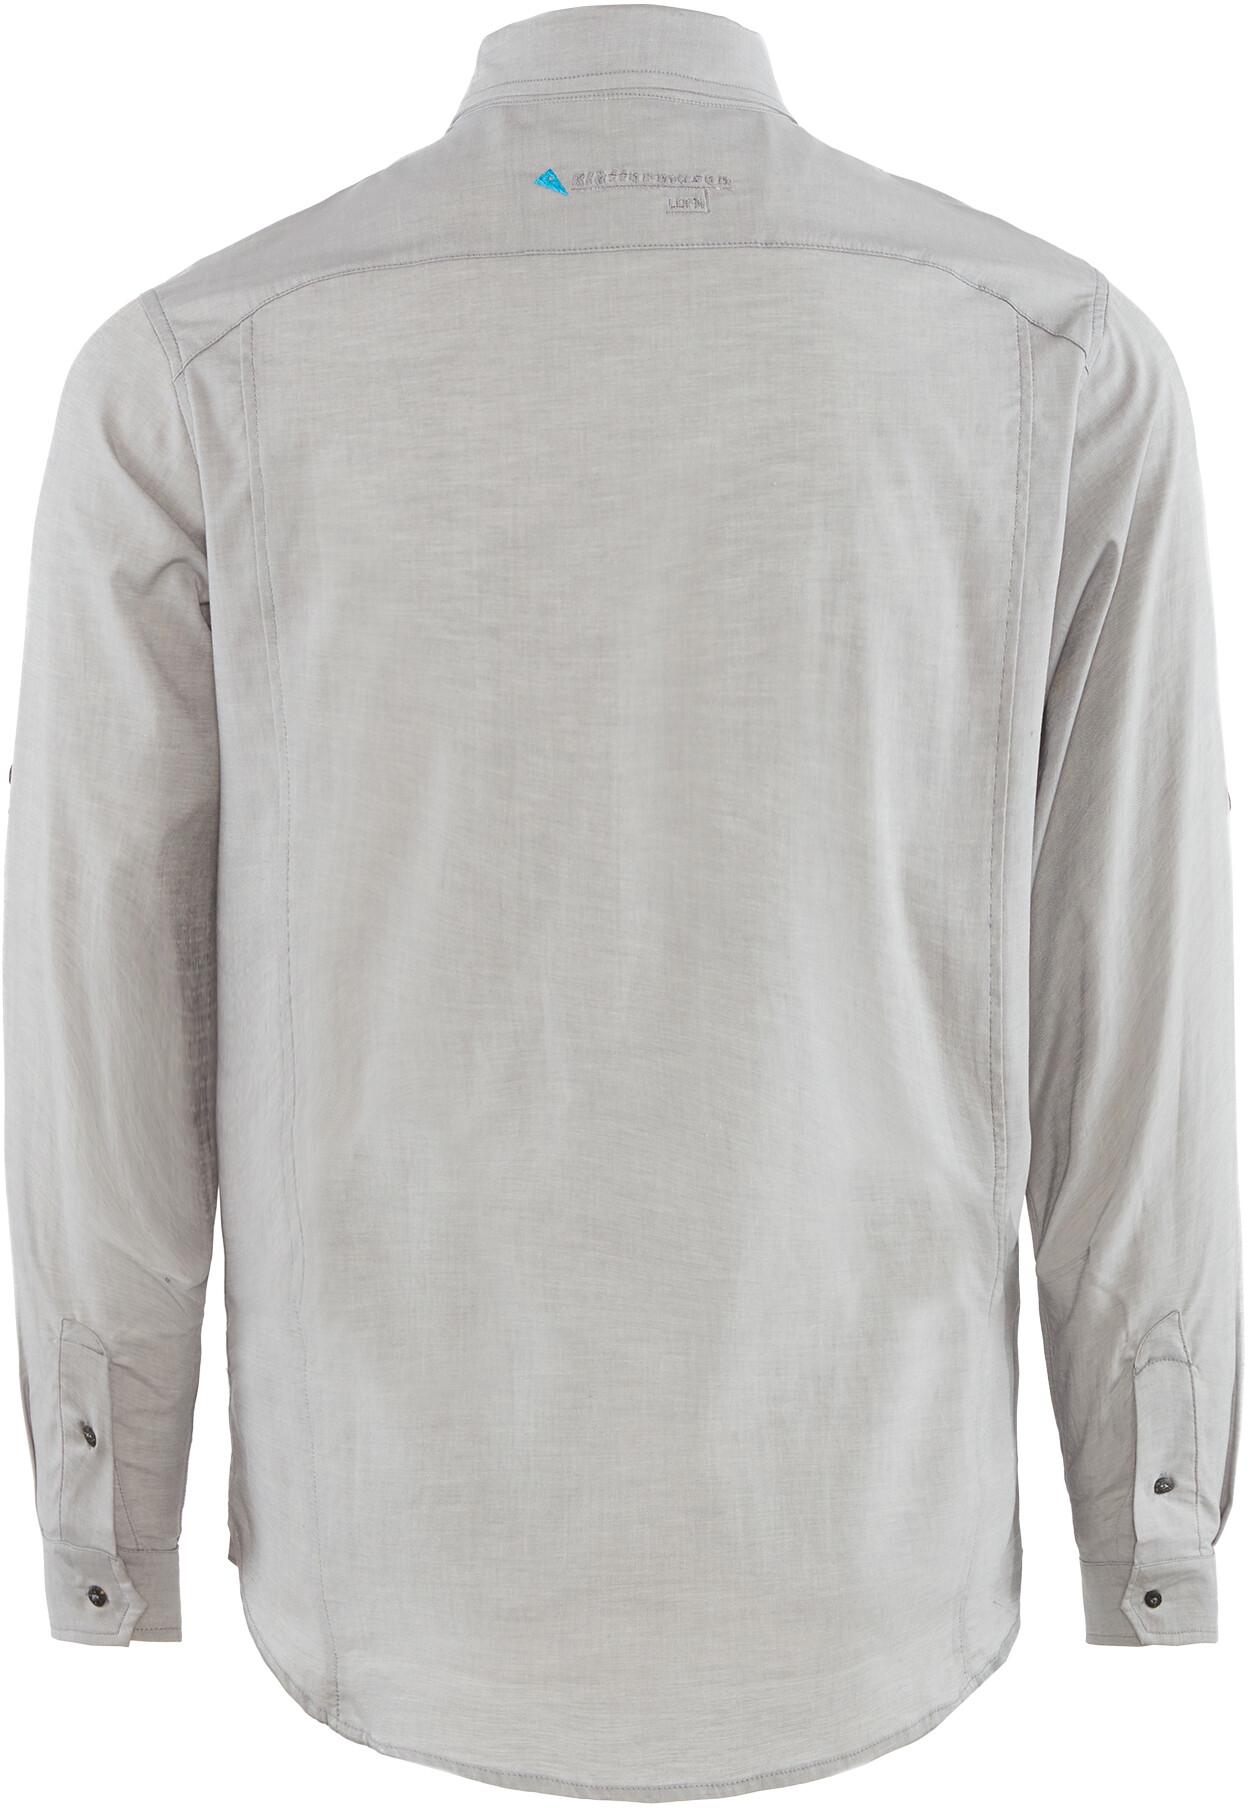 Klättermusen Klättermusen Klättermusen M's Lofn Shirt Grå Melange 4395f4